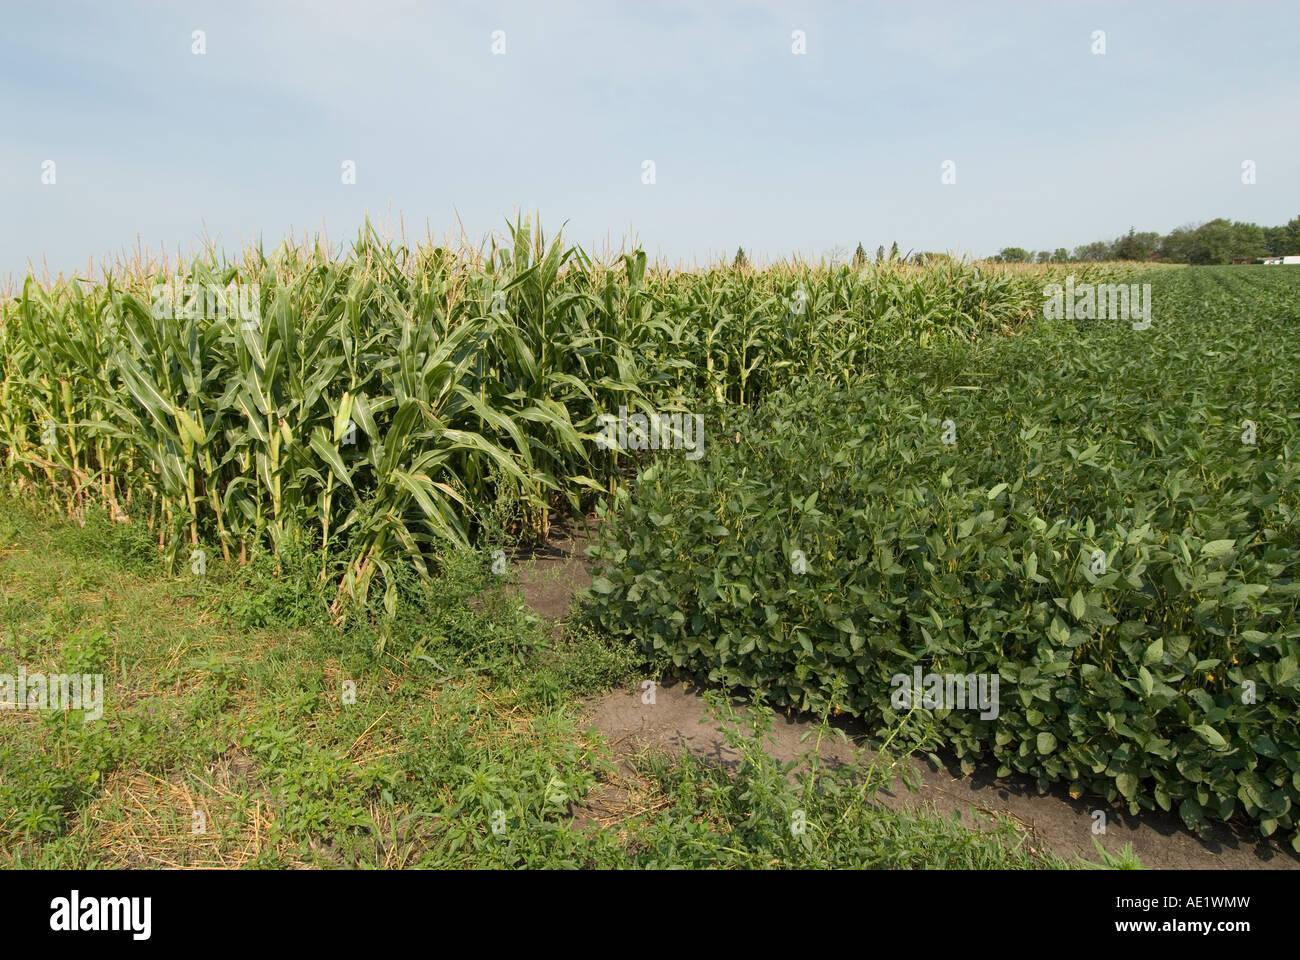 L'agriculture du Minnesota le maïs et le soja sont les deux principales cultures du sud du Minnesota illustré Photo Stock